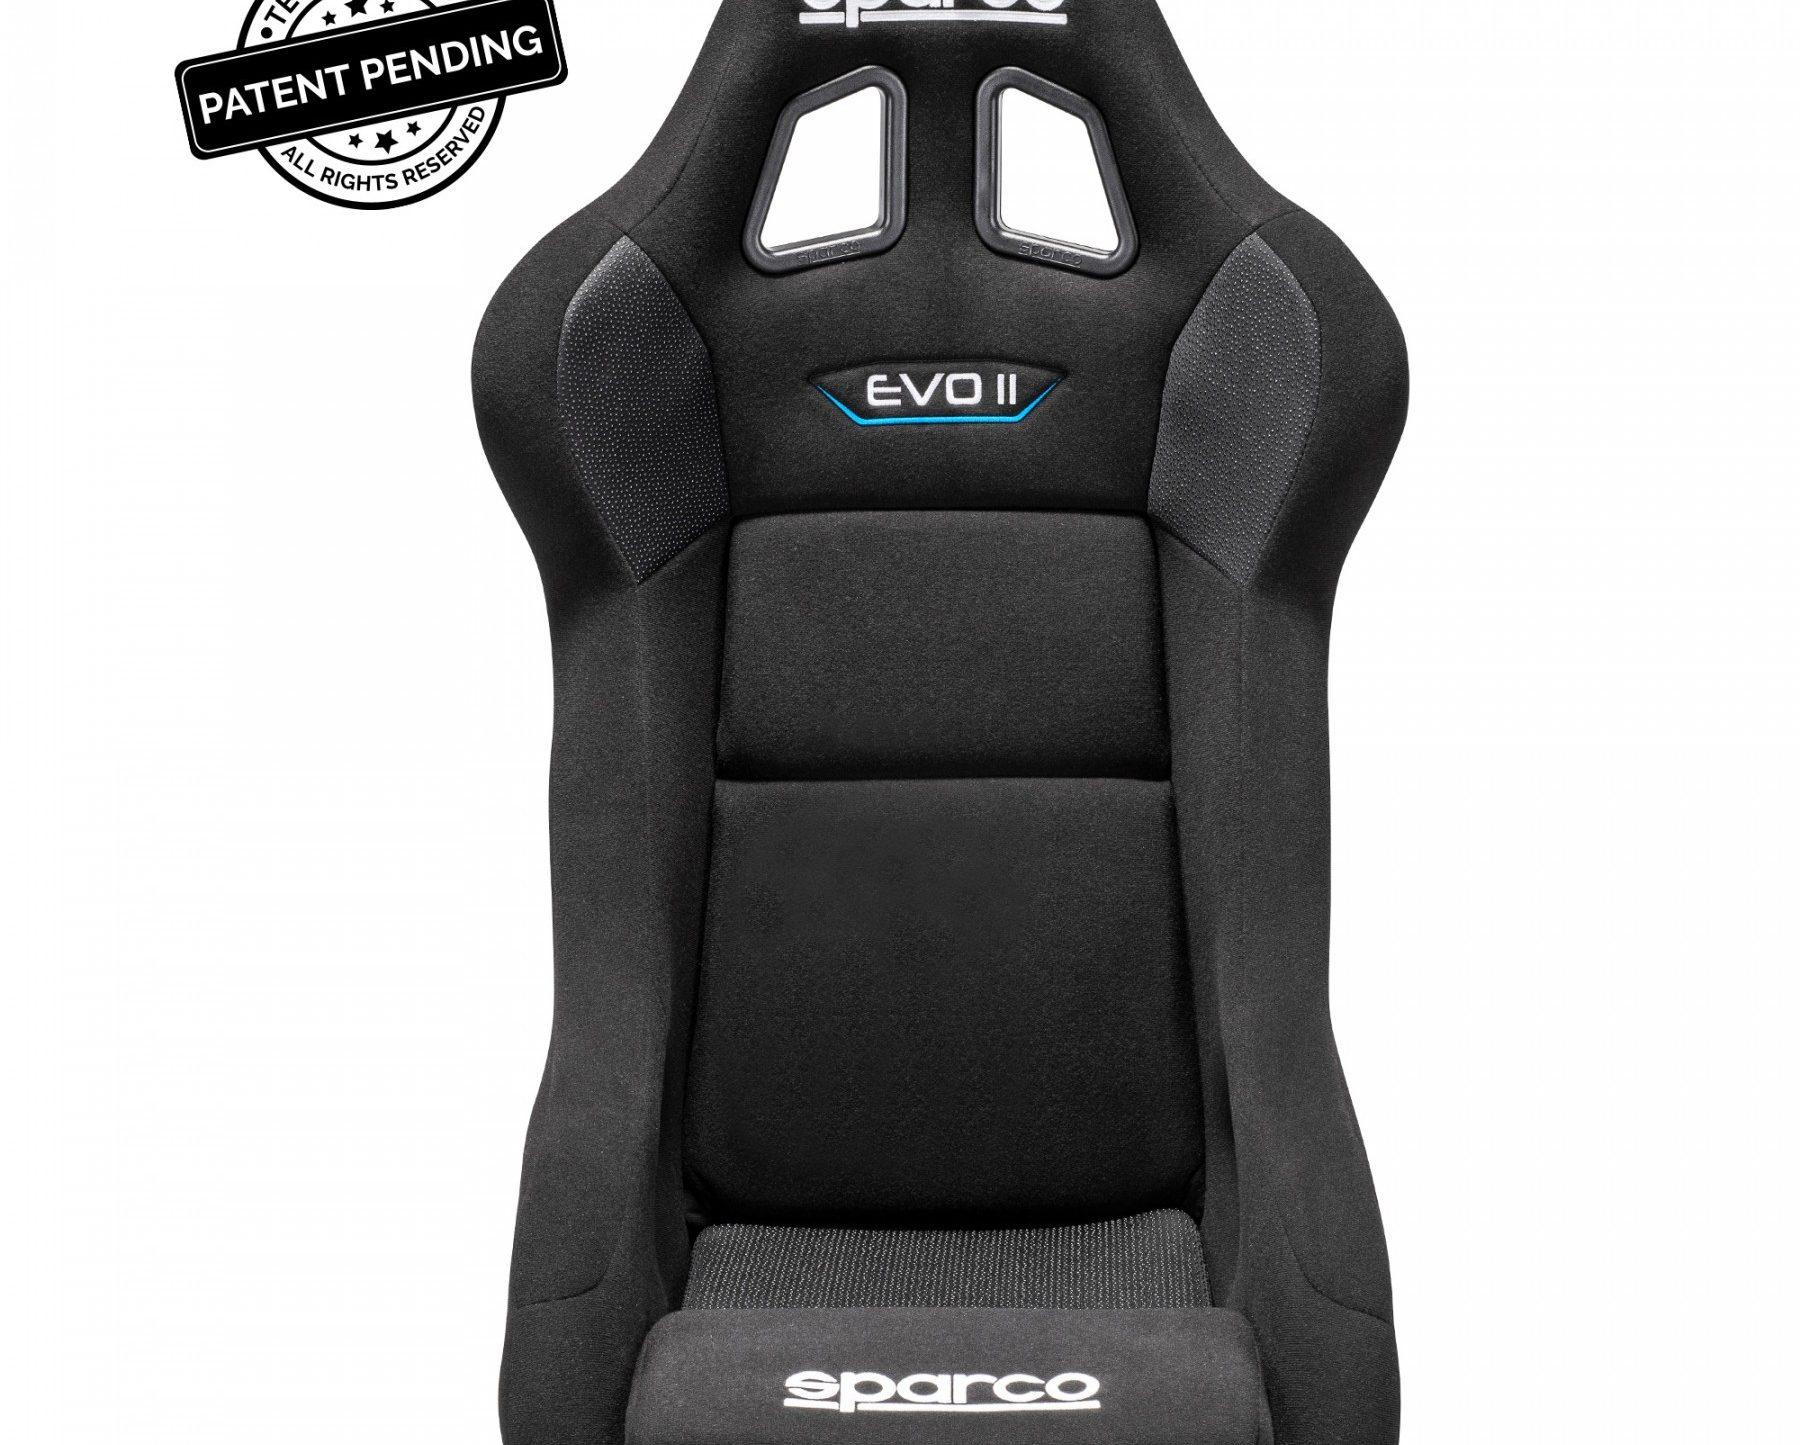 Нов продукт: Sparco Evo II QRT, Racing Seat